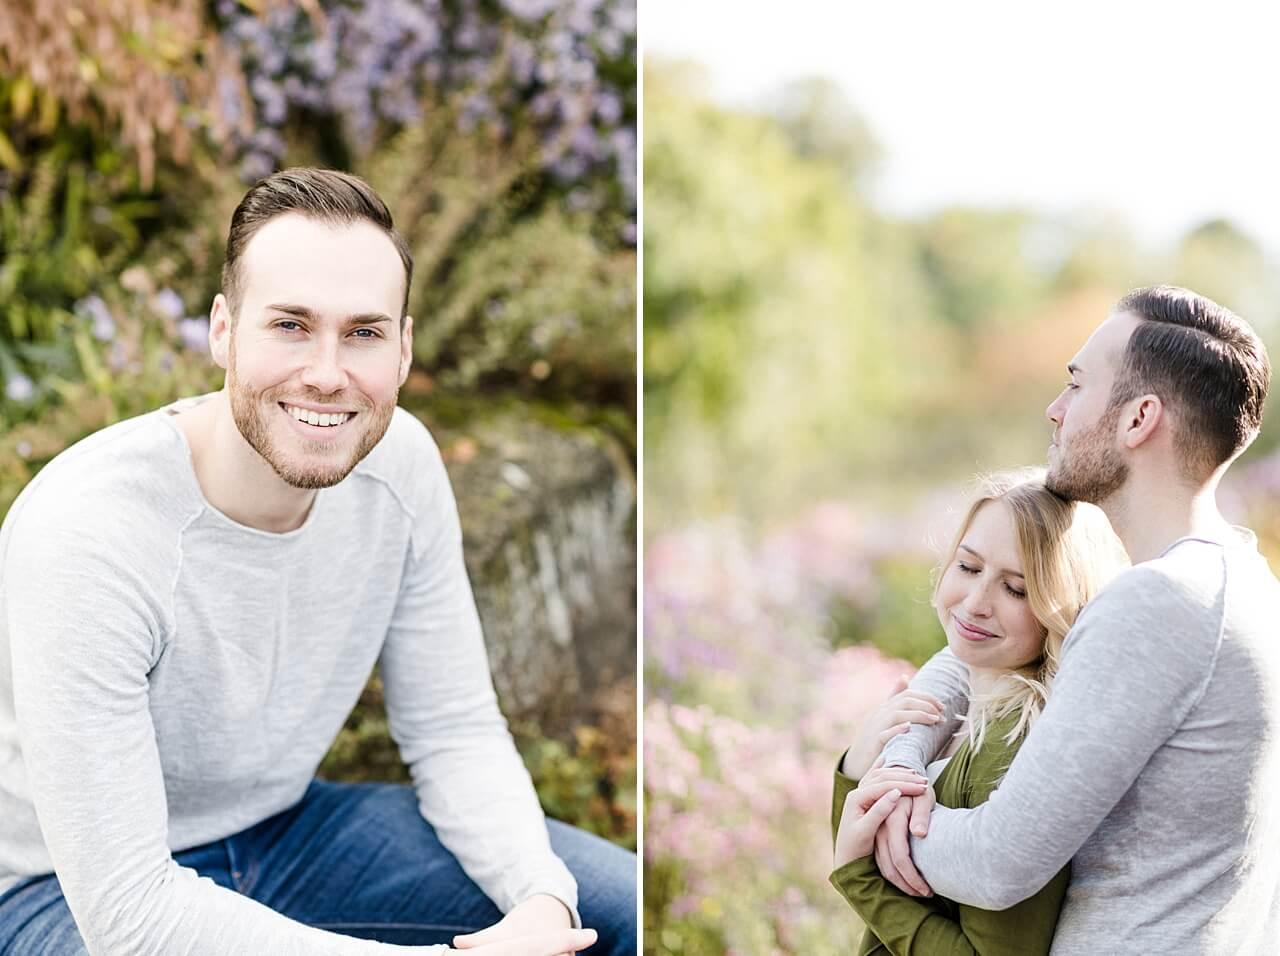 Rebecca Conte Fotografie: Verlobungsbilder bei Herbstwetter 02